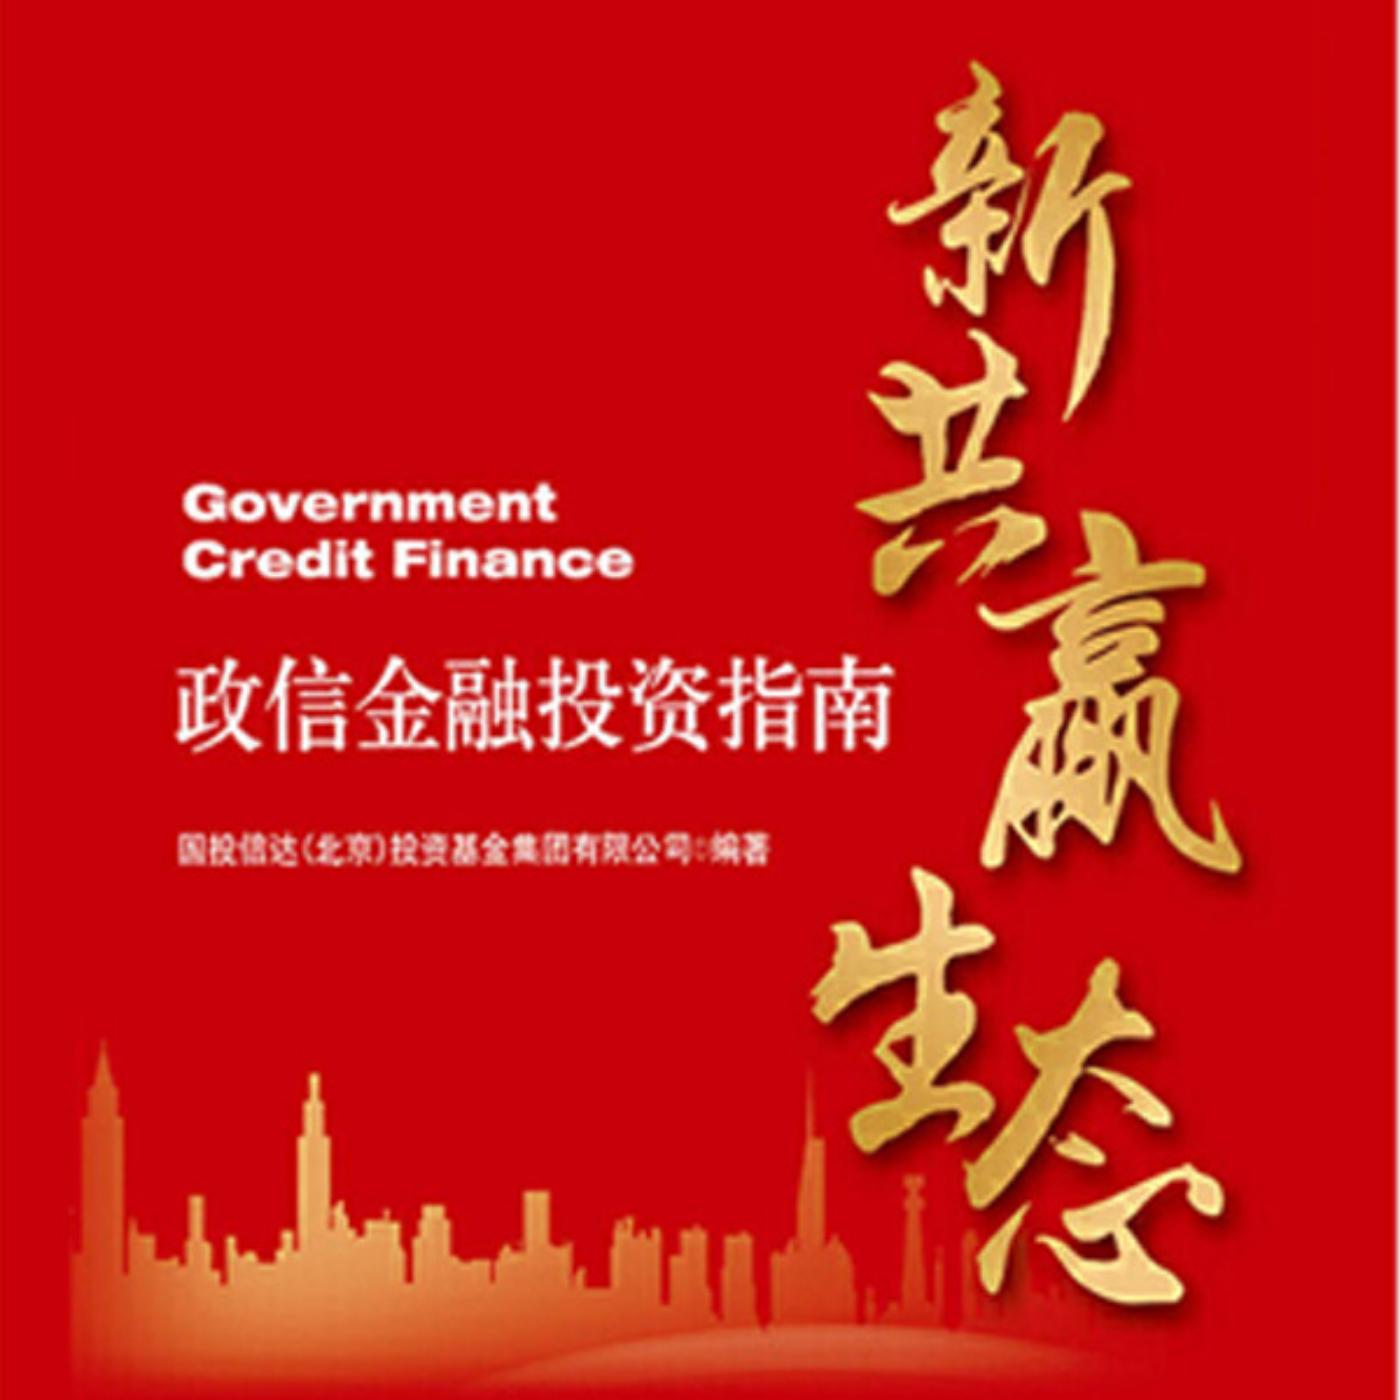 新共赢生态:政信金融投资指南